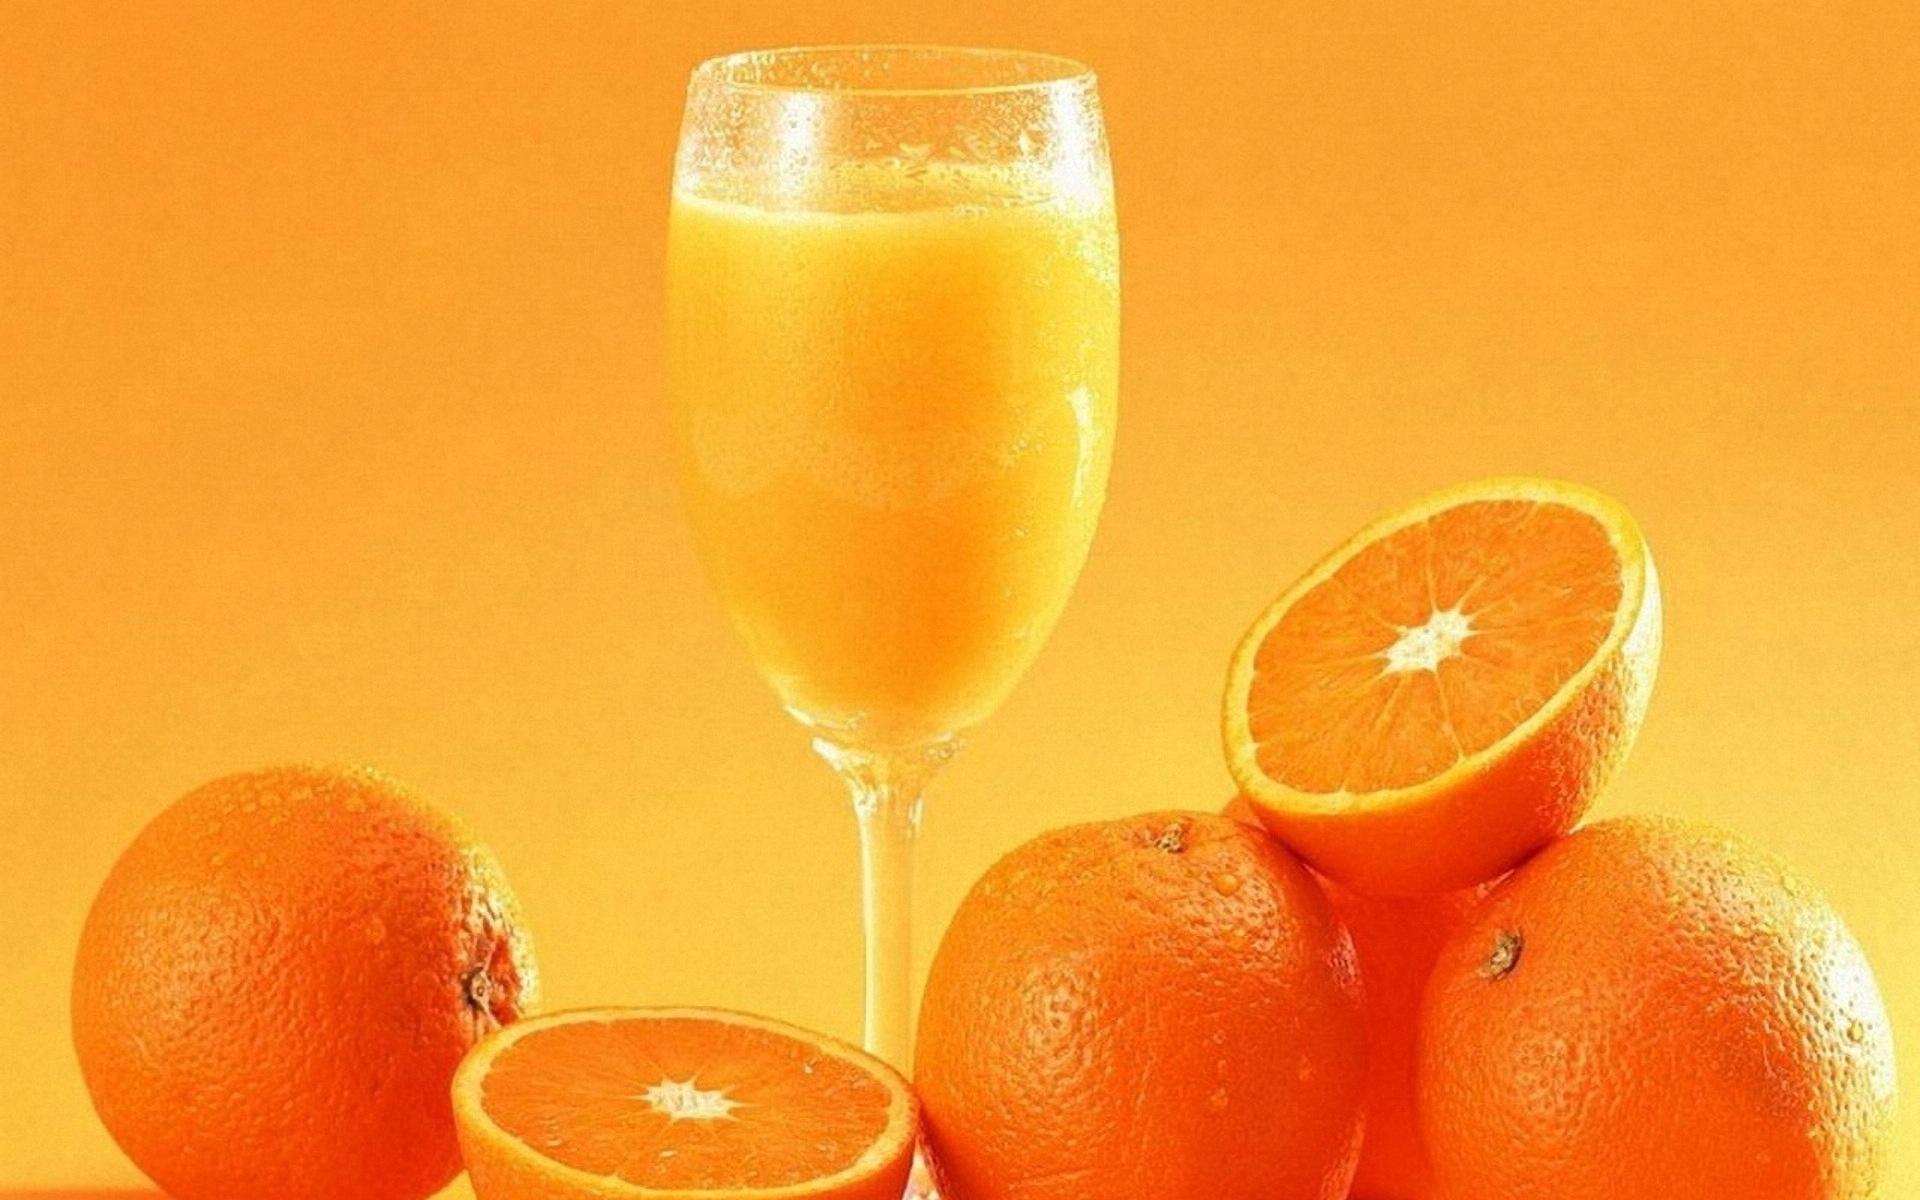 Orange Juice Wallpapers   1920x1200   531663 1920x1200